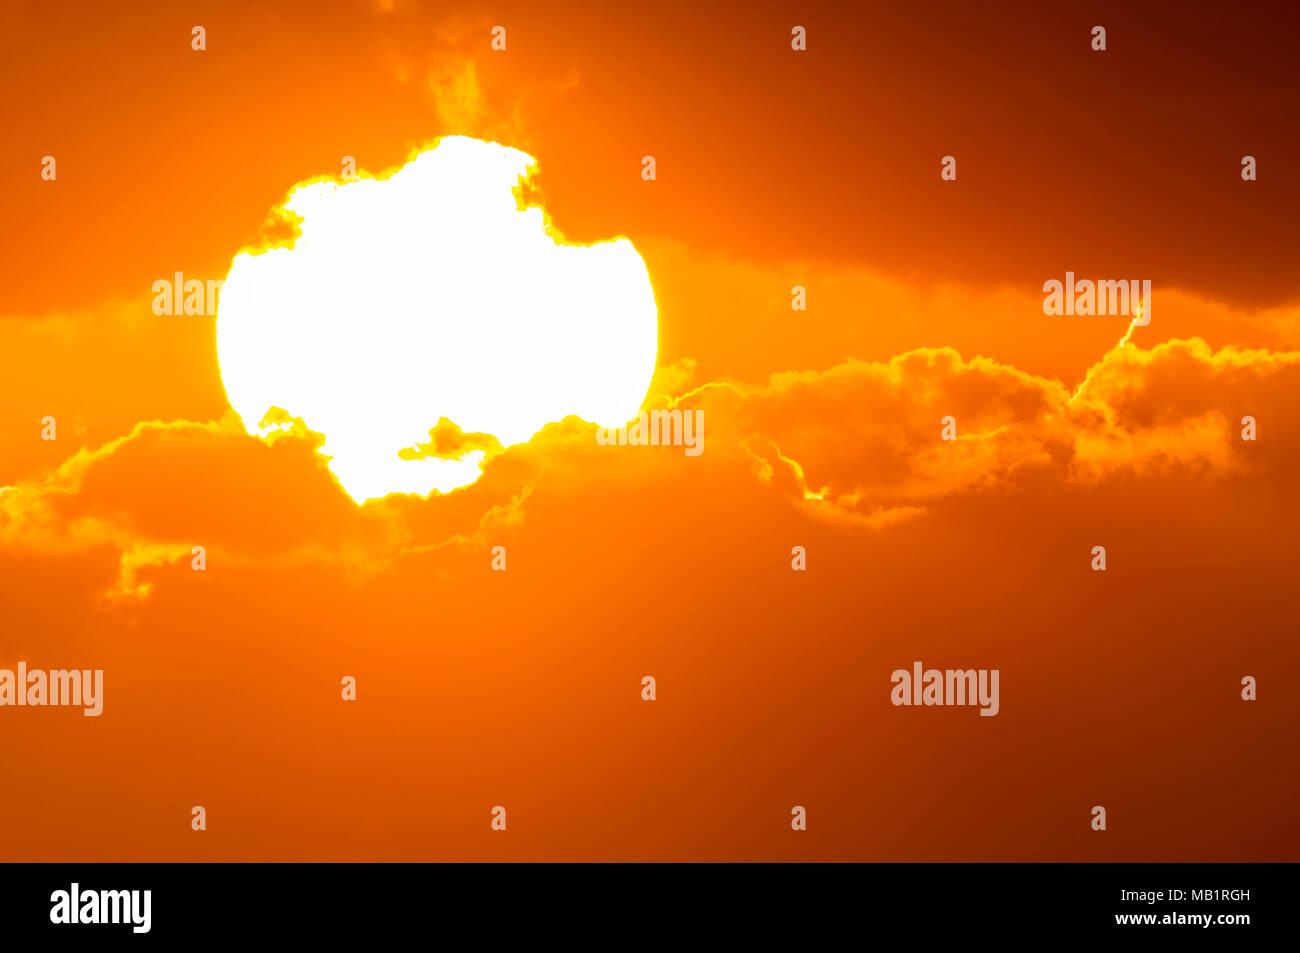 Gros plan de l'ardent soleil clair, bas dans le ciel, en partie couverte par les nuages juste avant qu'il arrête. Photo Stock